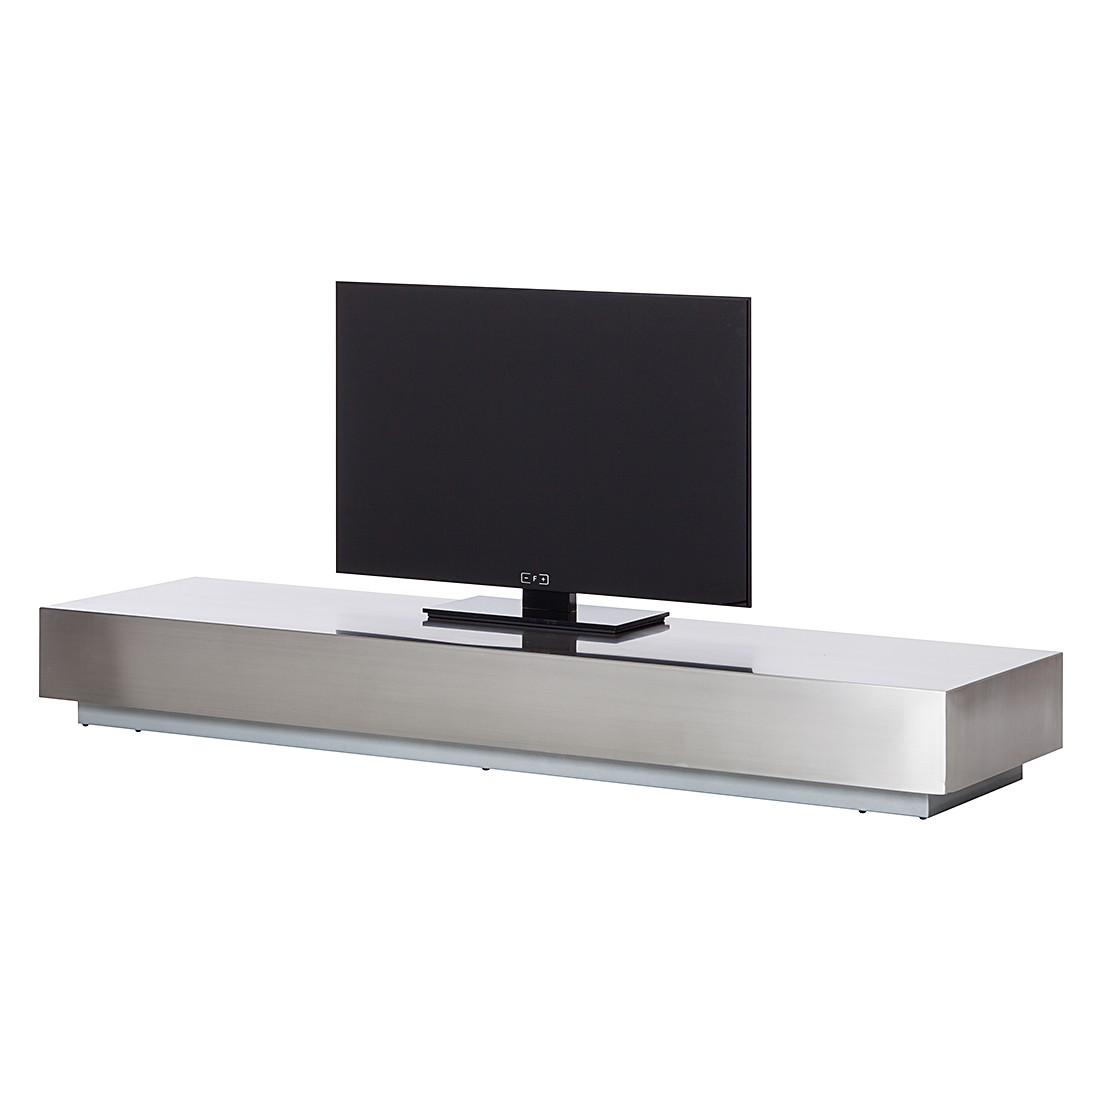 Tv-meubel Crown - geborsteld zilverkleurig roestvrij staal, Fredriks